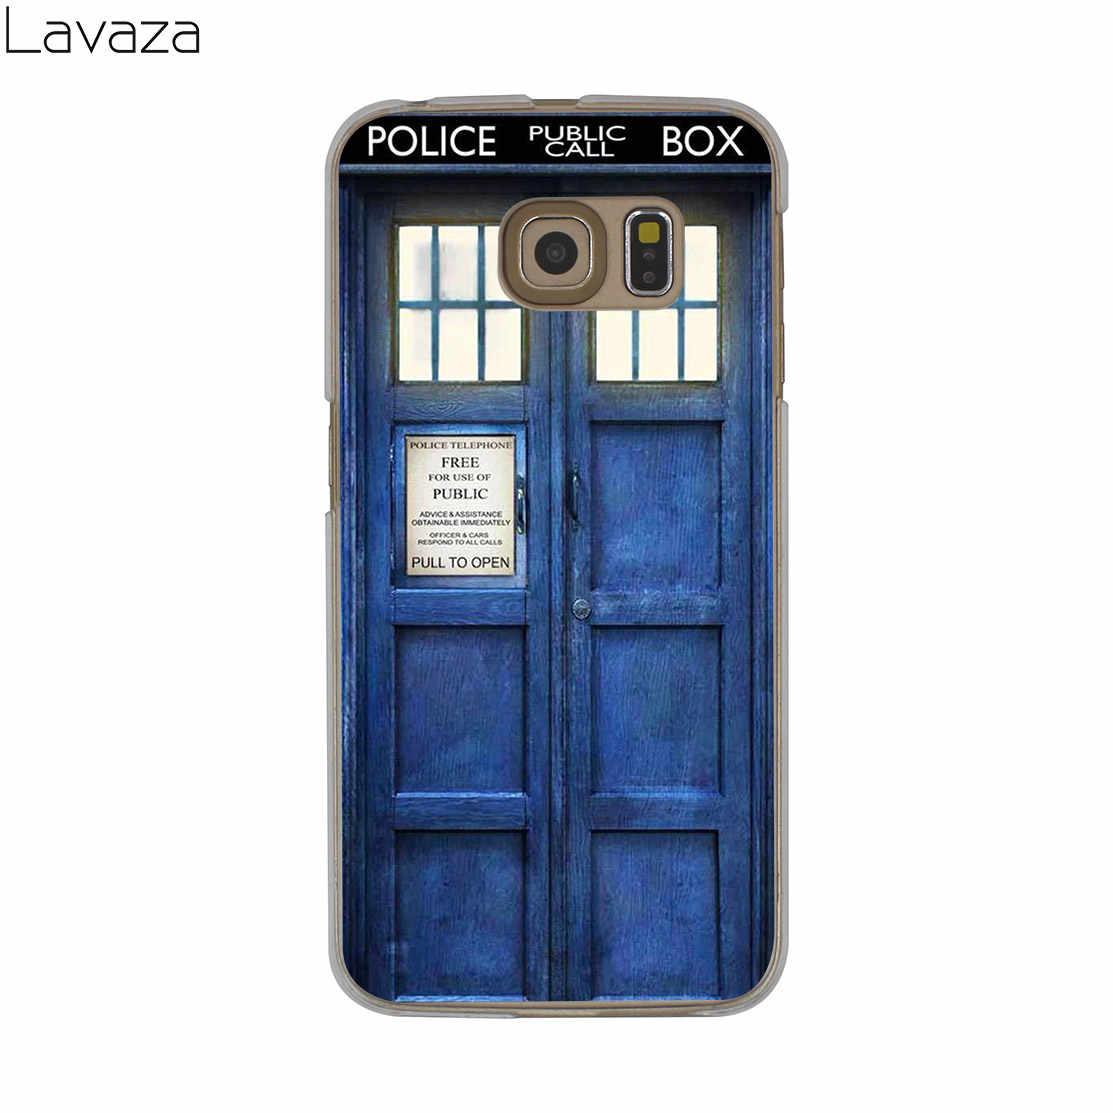 Lavaza doutor que tardis arte azul caso para samsung galaxy s20 ultra s10 lite s10e s6 s7 borda s8 s9 plus a51 a71 a81 a91